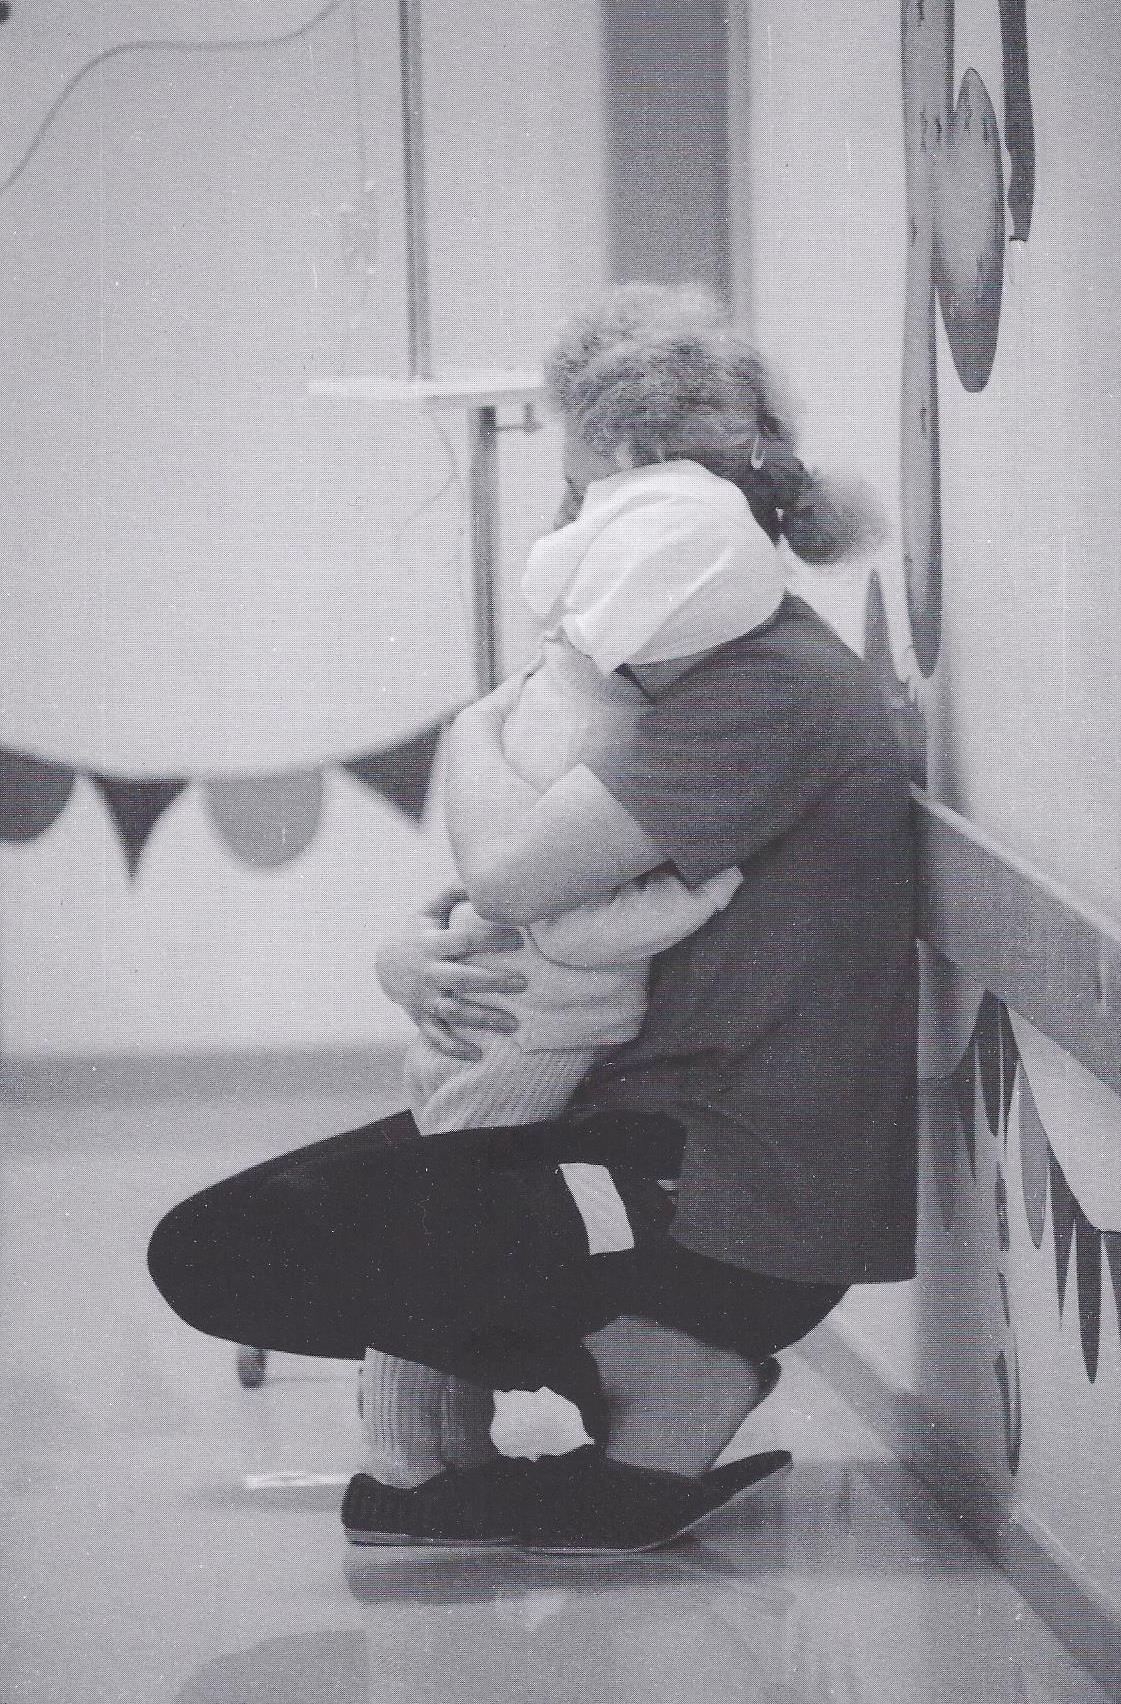 Schwierig. Die zwei Jahre alte Lilyi mit ihrer Mutter während der Behandlung im onkologischen Zentrum. (1998)